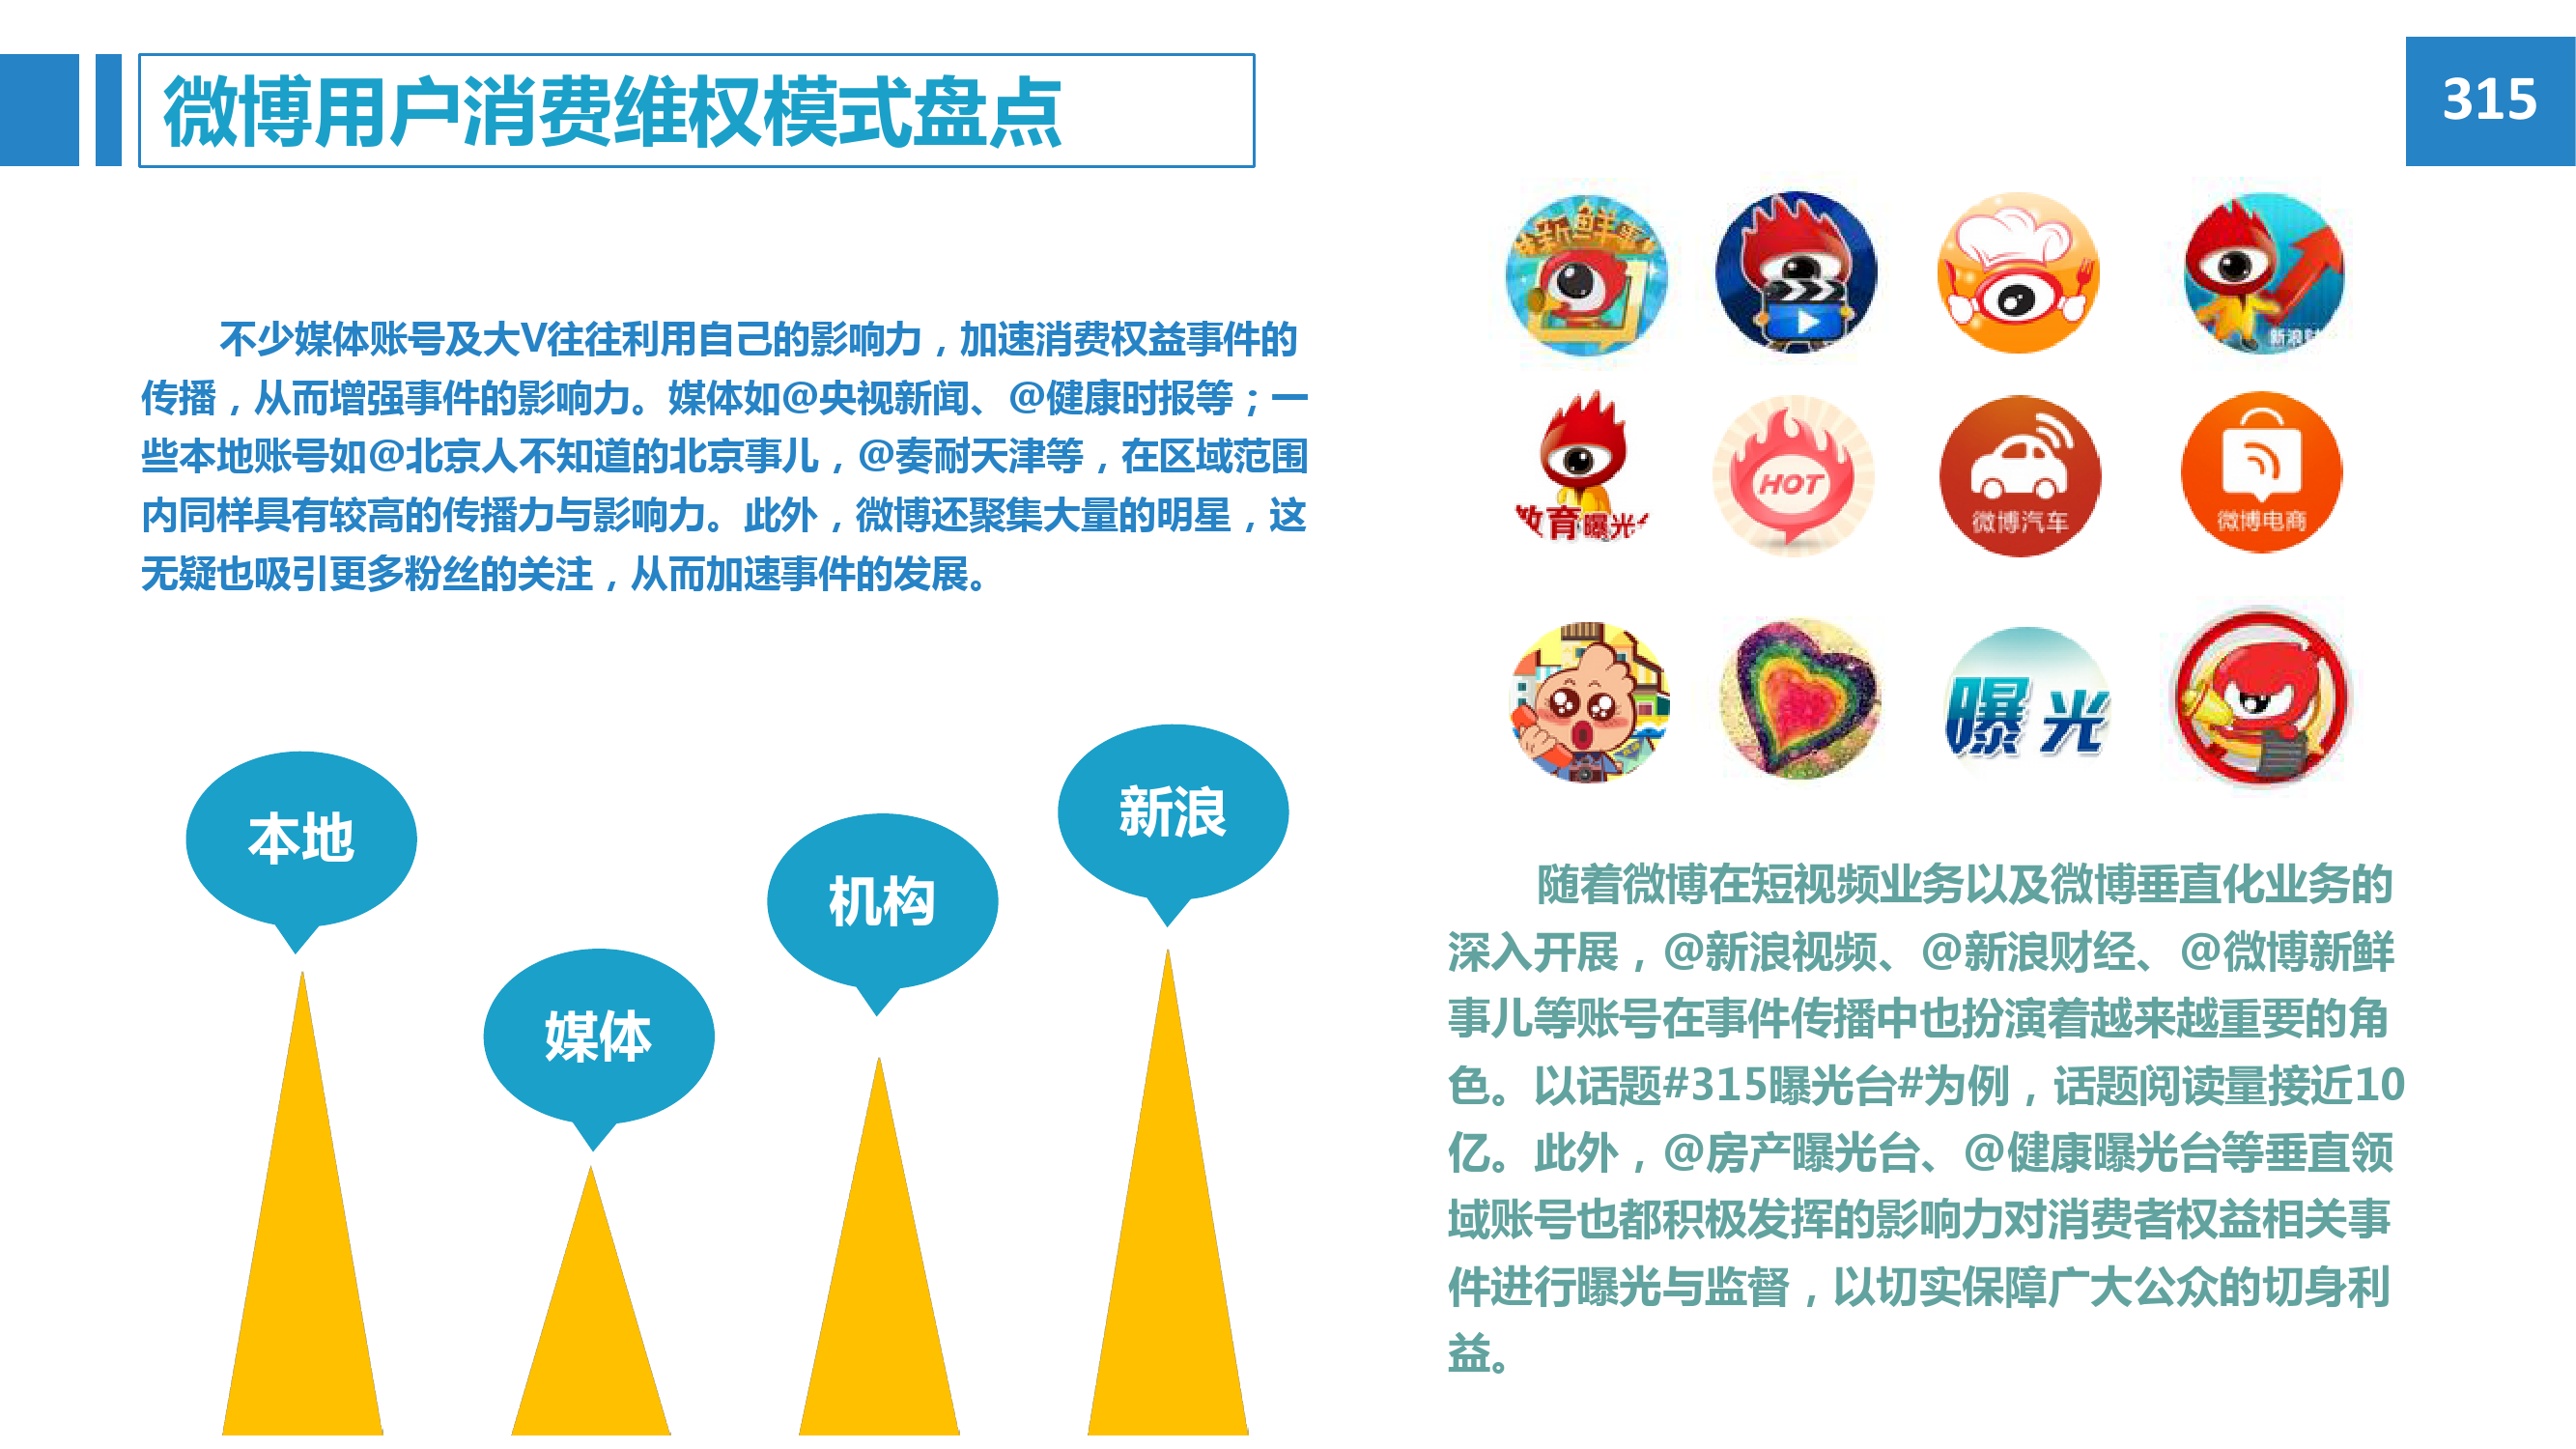 2015年微博消费者白皮书_000014